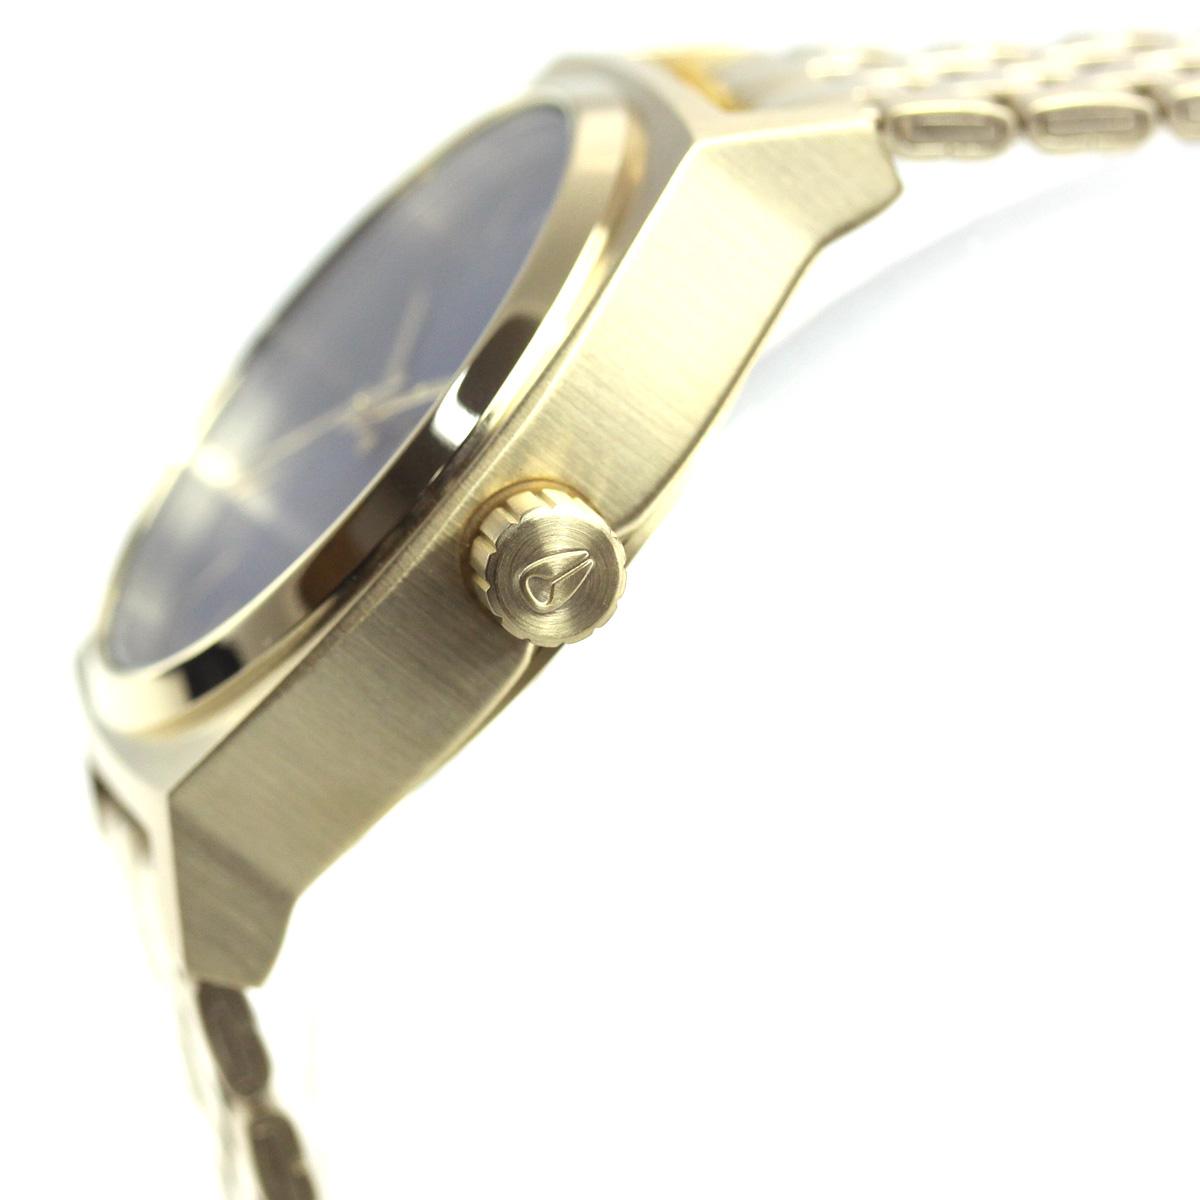 10%OFFクーポン!31日23:59まで! ニクソン NIXON ミディアム タイムテラー MEDIUM TIME TELLER 腕時計 レディース ライトゴールド/インディゴサンレイ NA11302811-00